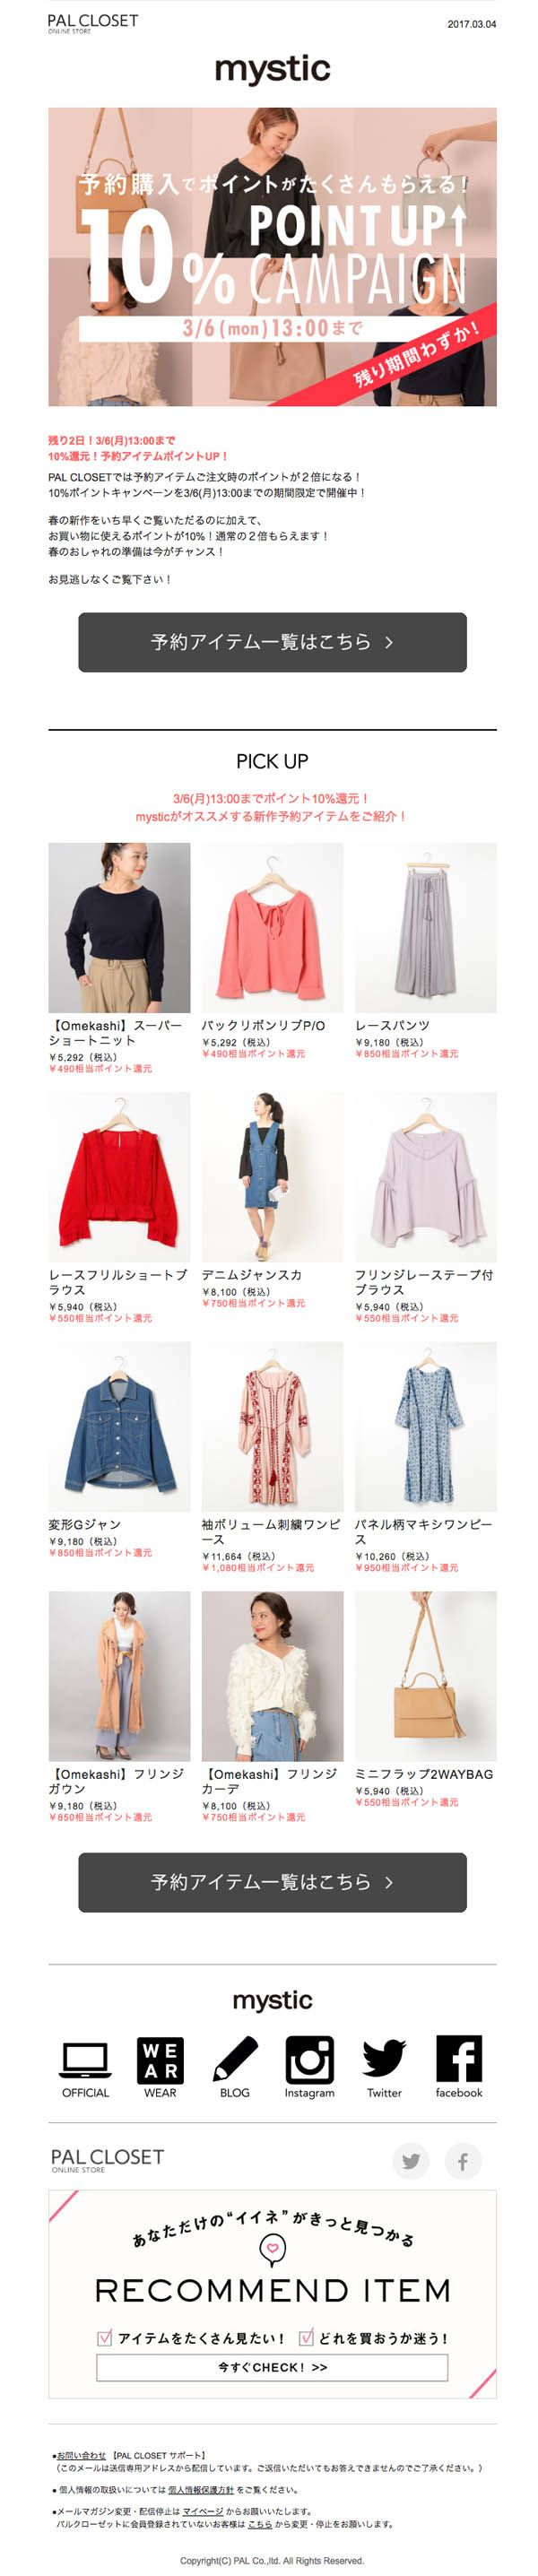 ファッションブランドmysticが配信するHTMLメルマガデザイン